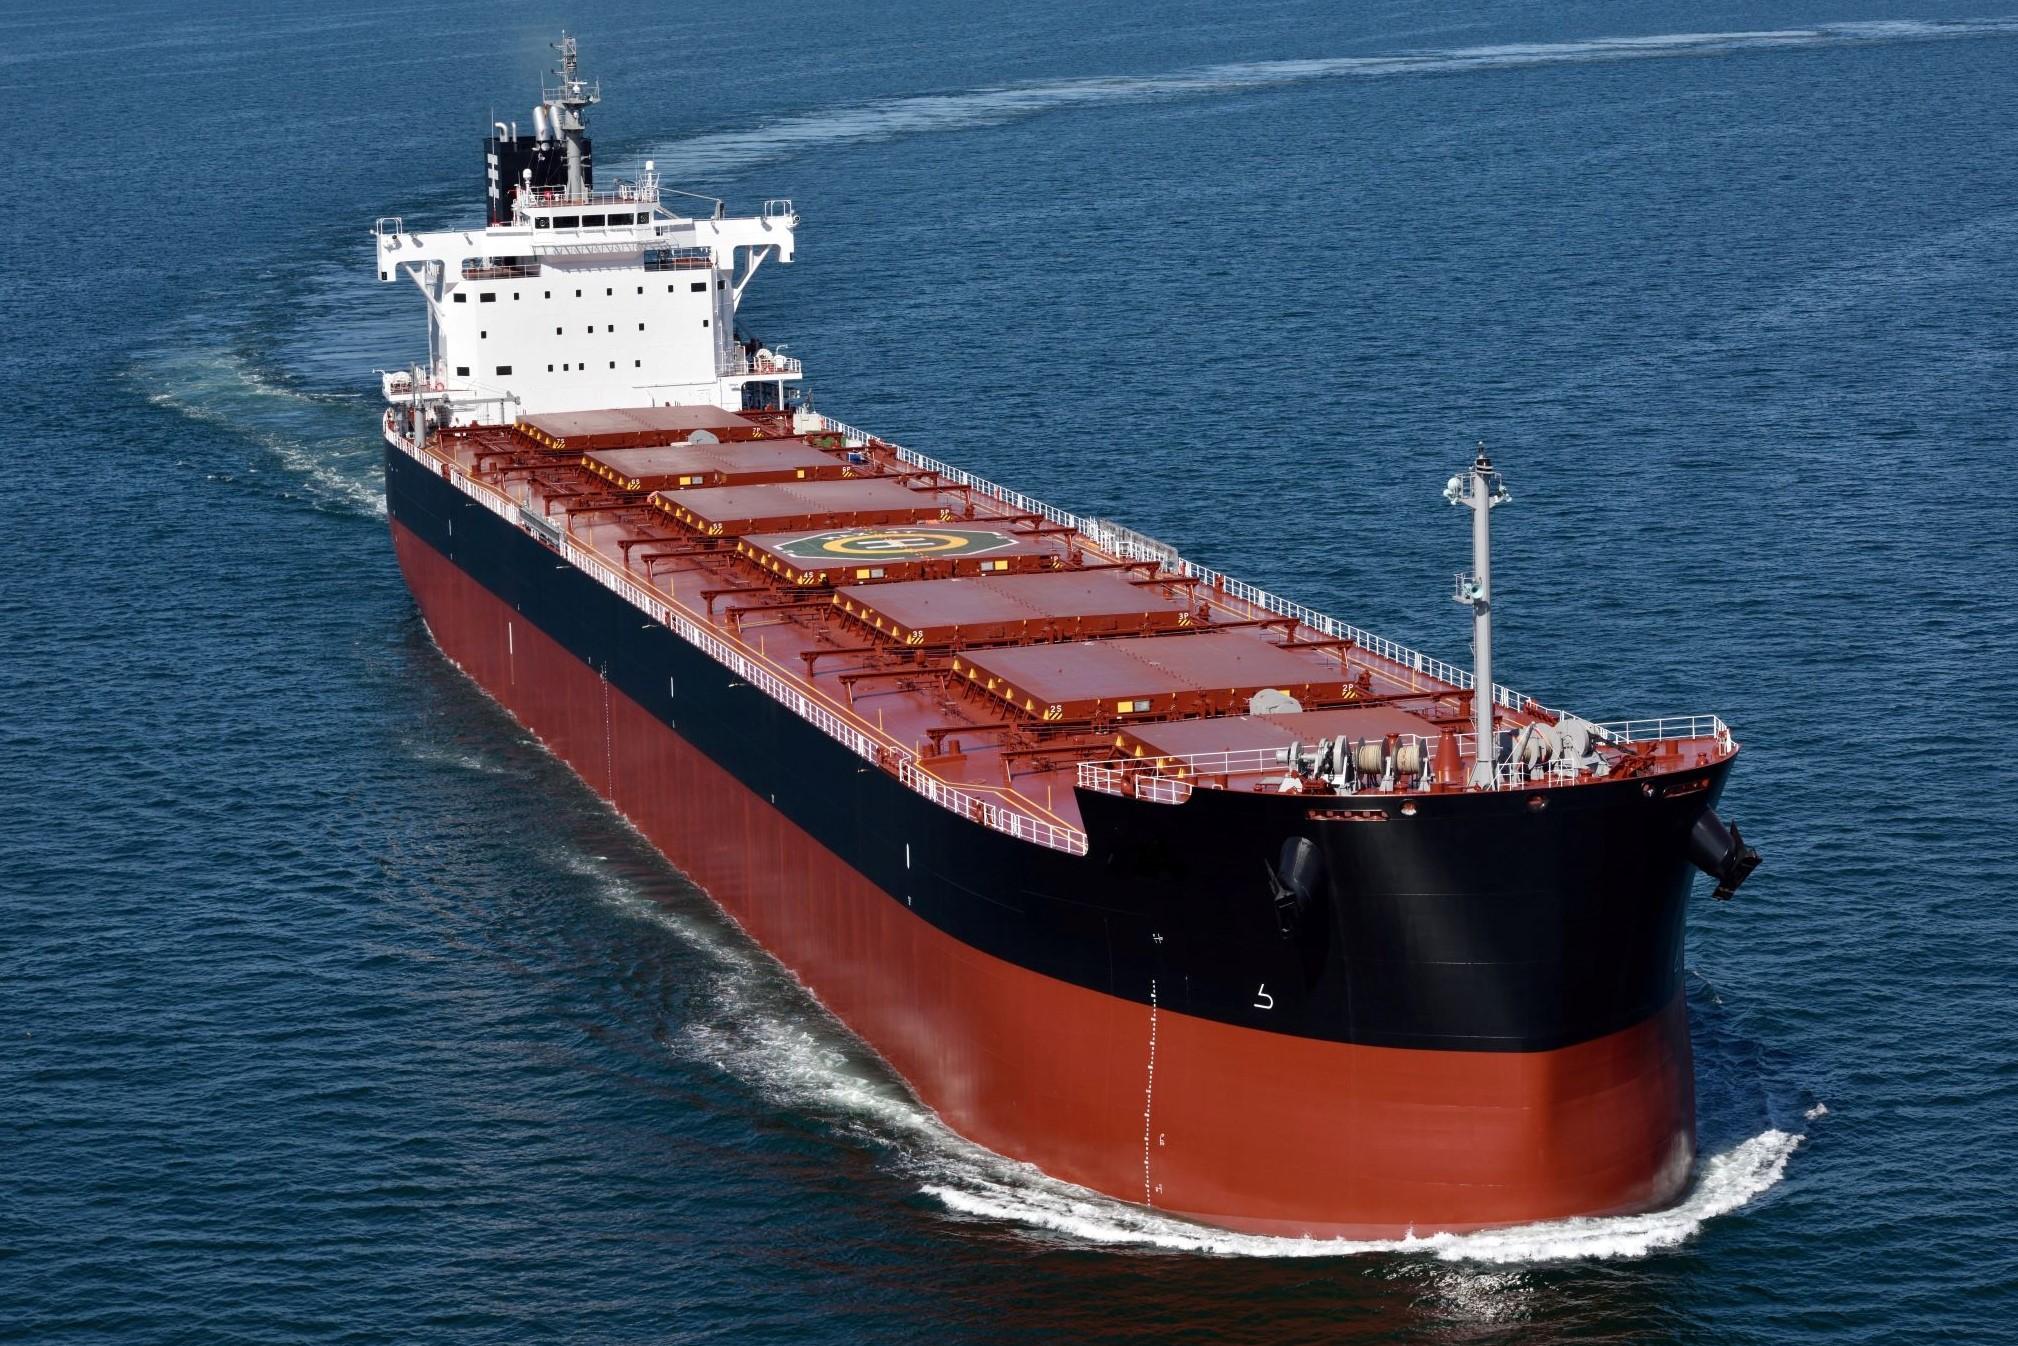 常石造船 KAMSARMAXなど、ばら積み貨物船の主要船型でEEDIフェーズ3対応完了